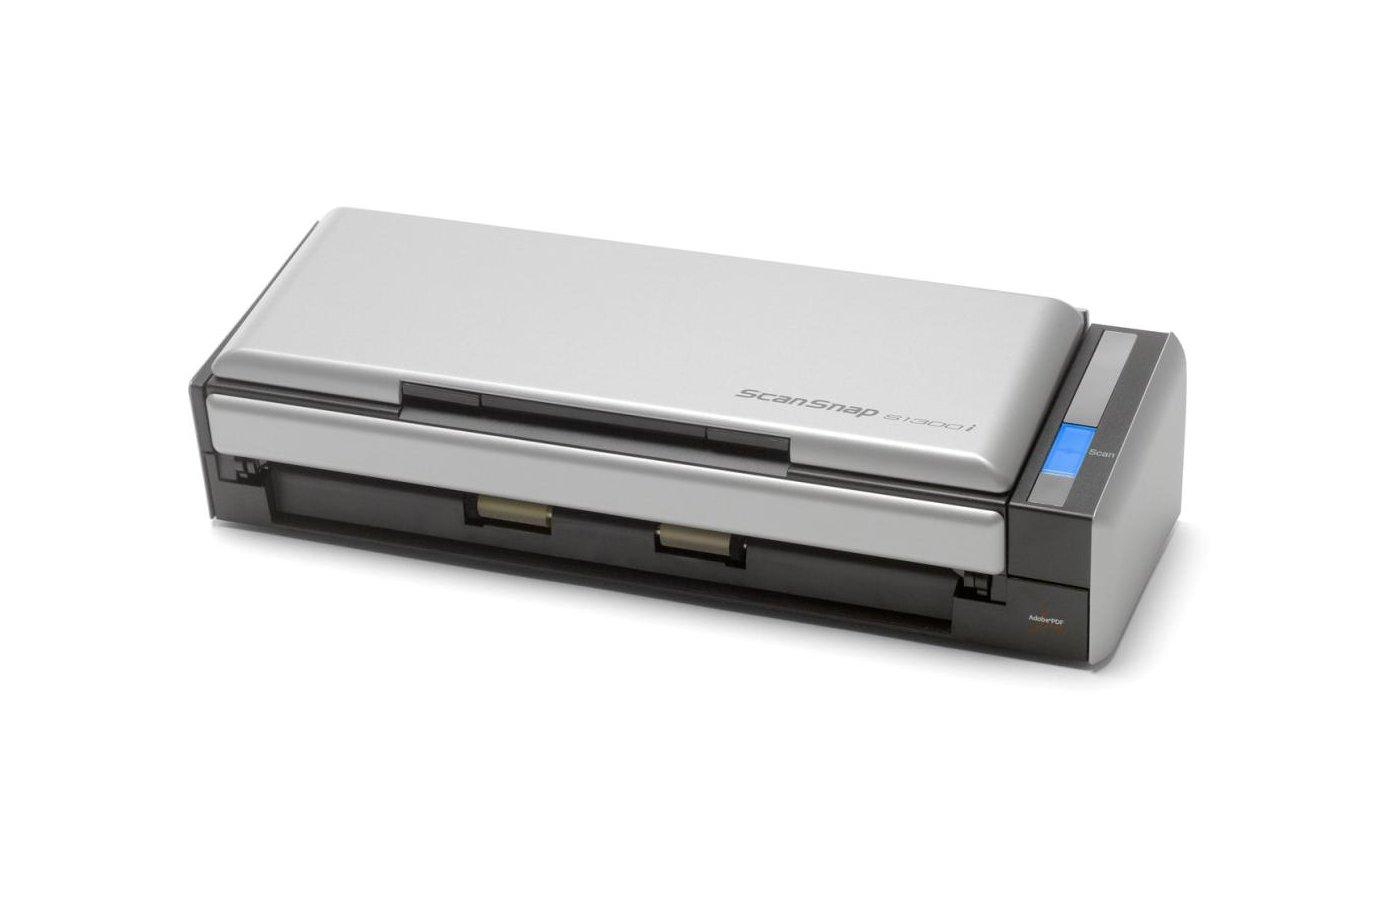 Сканер Fujitsu ScanSnap S1300i /PA03643-B001/